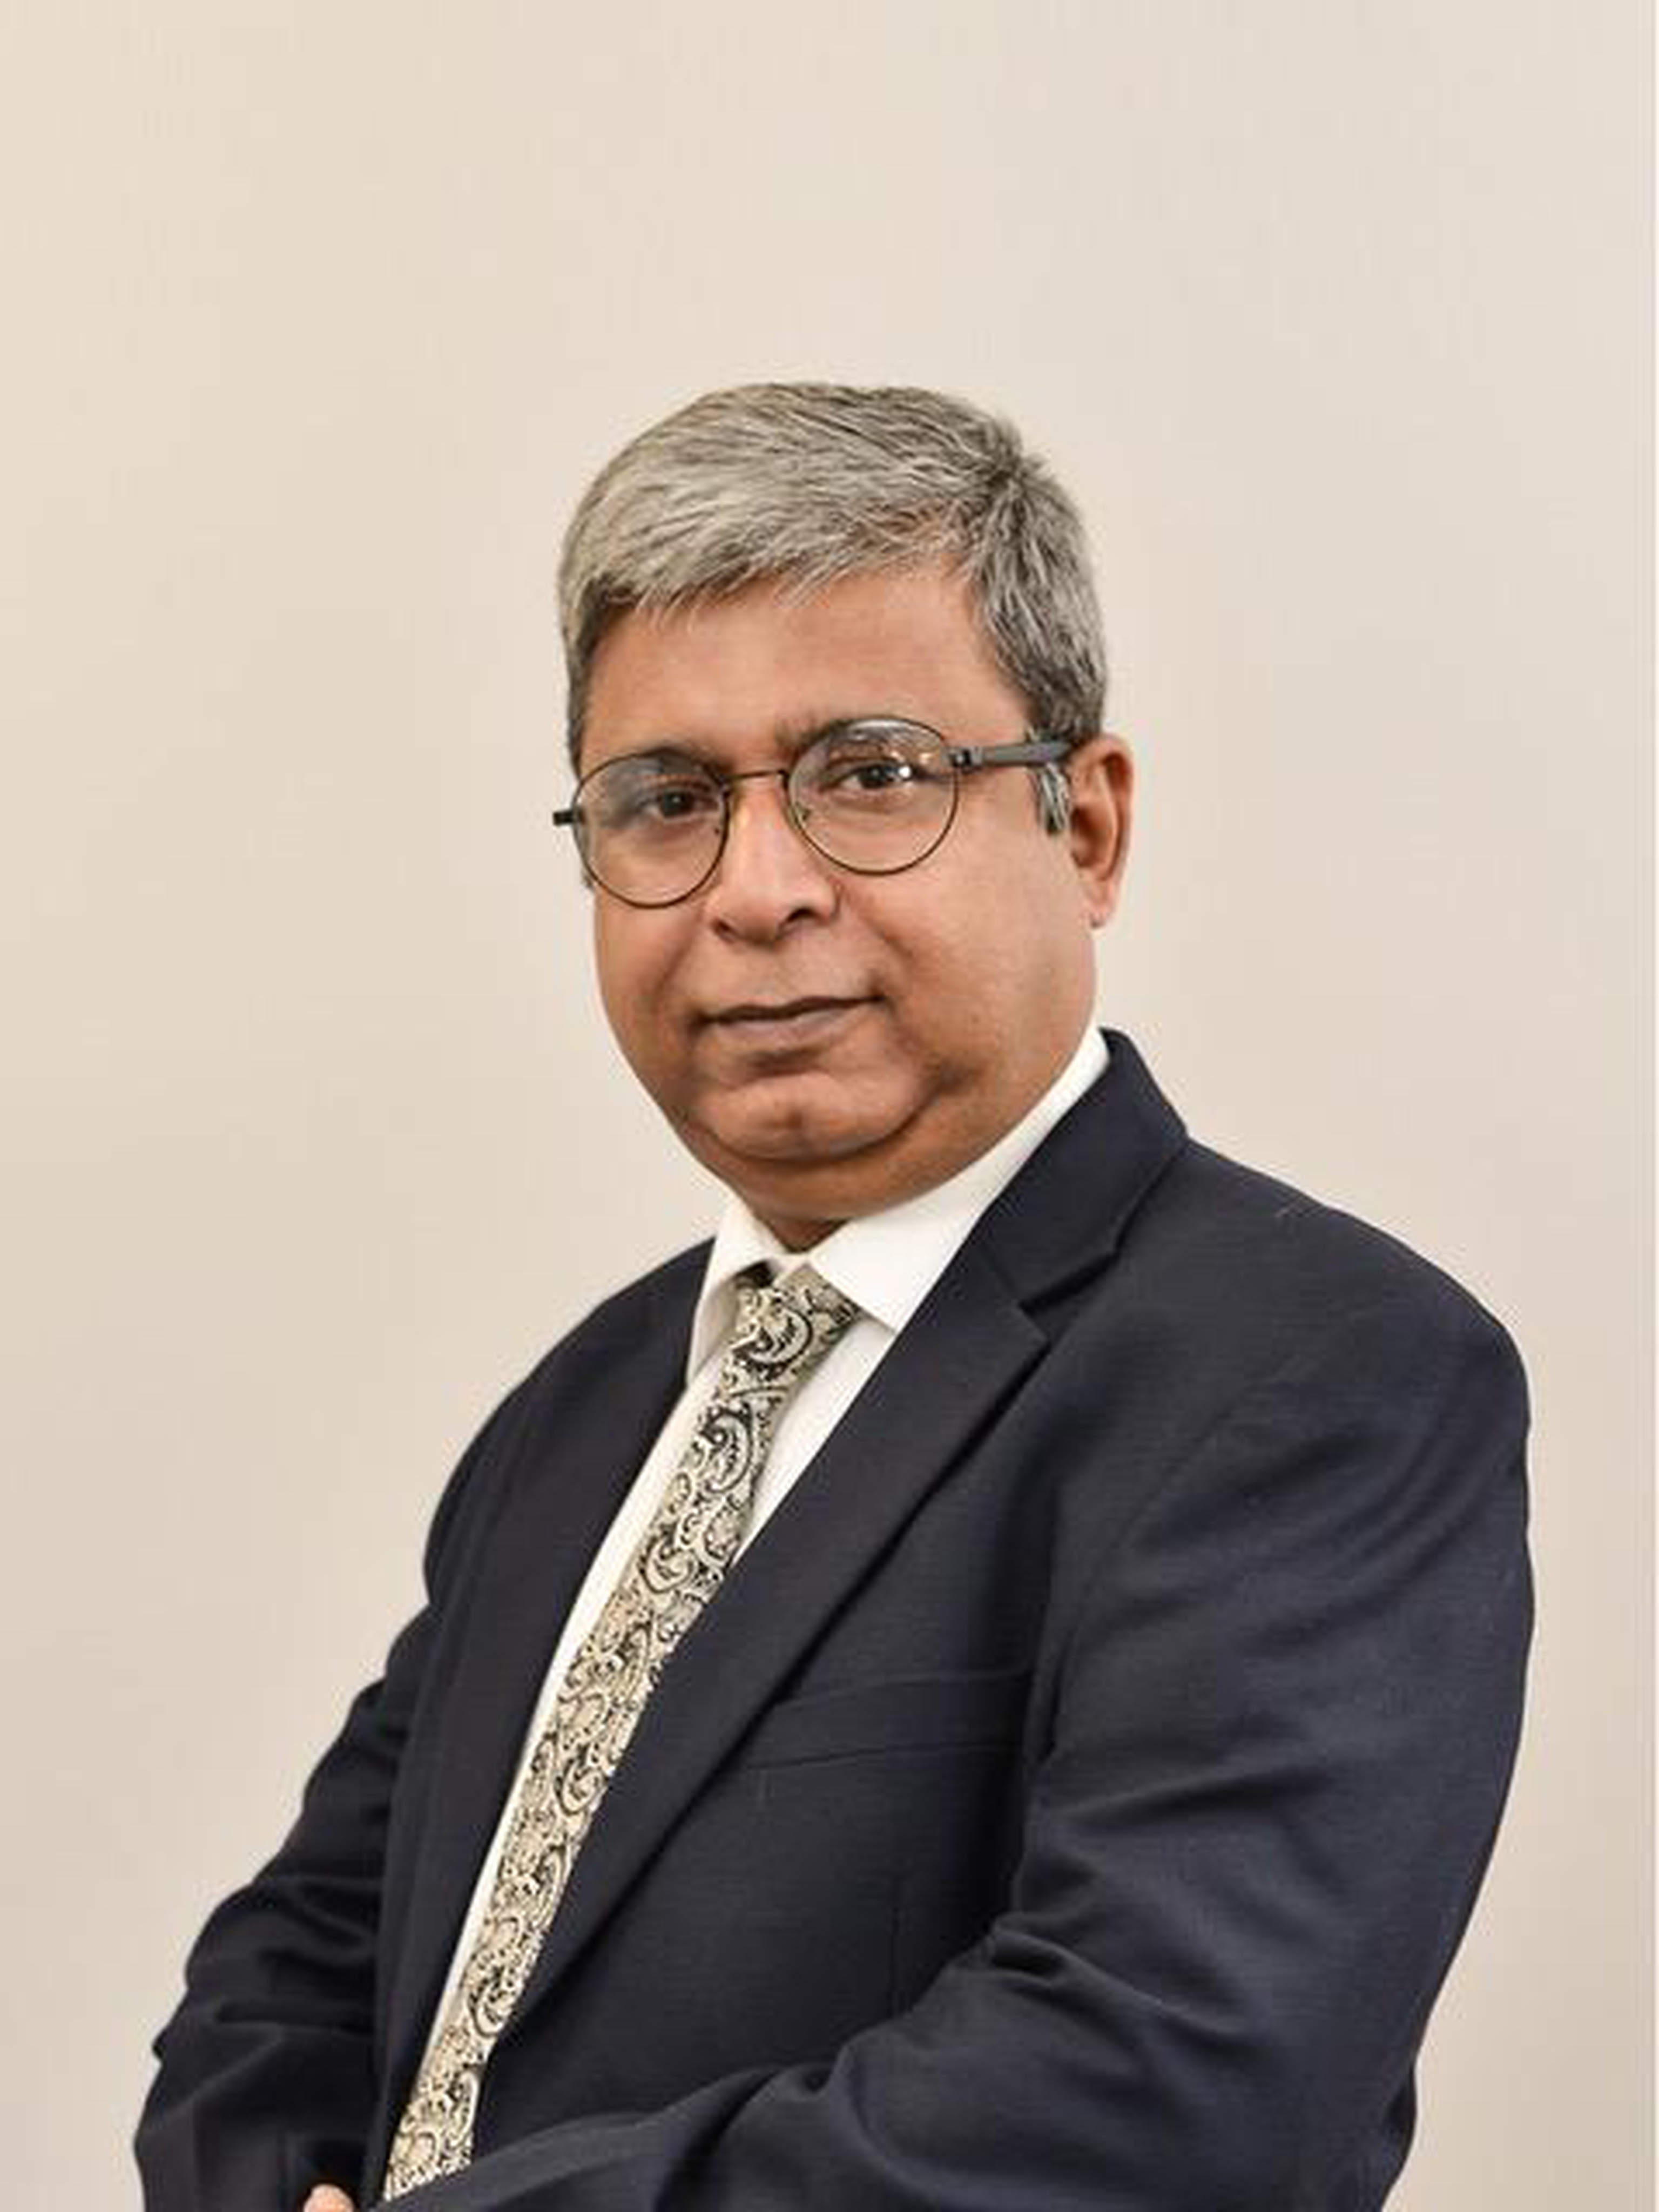 Subesh Ray